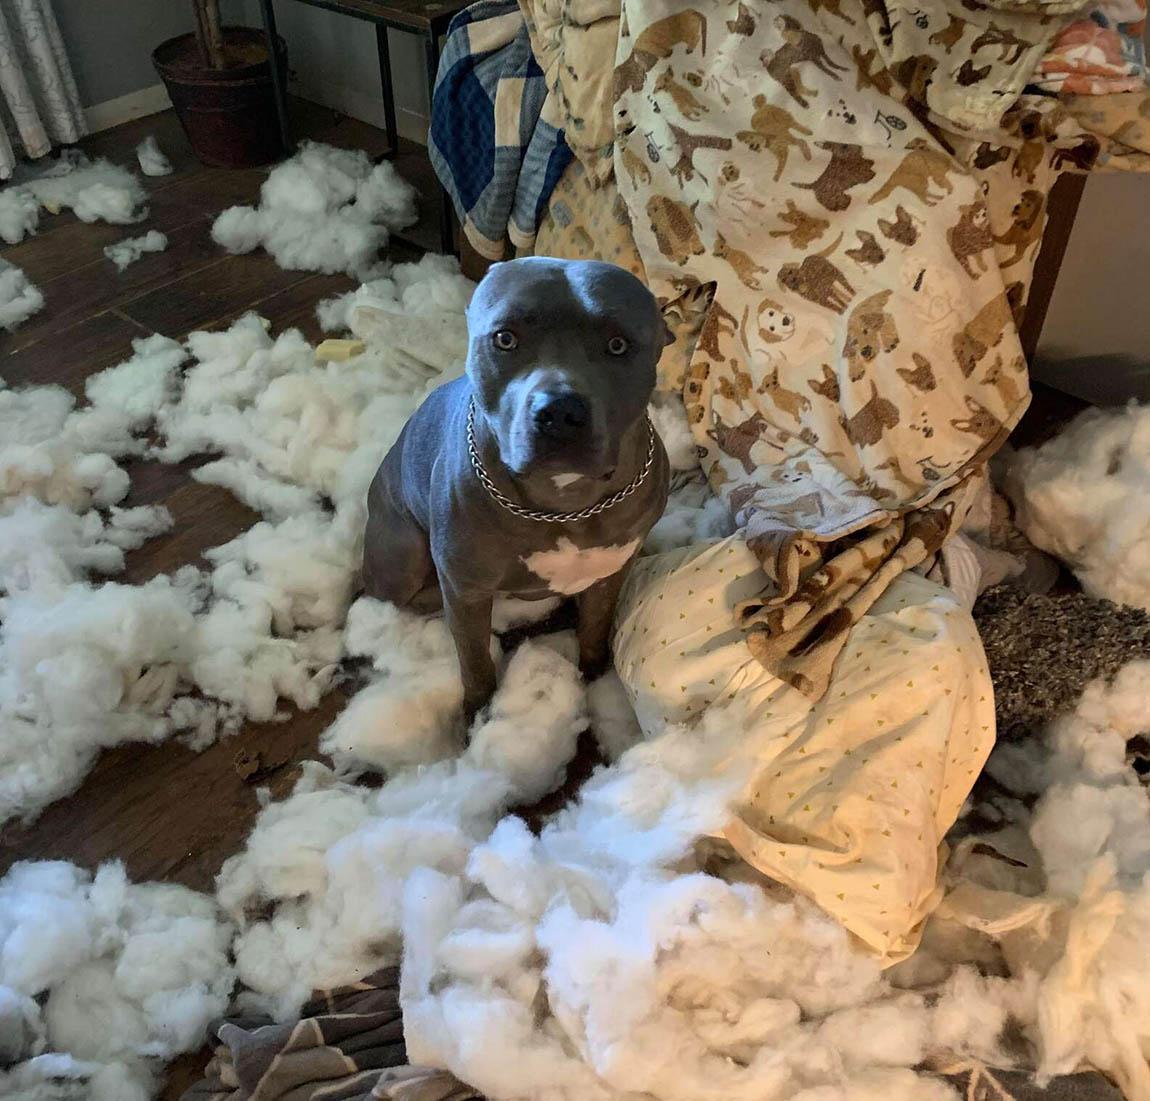 Mujer llega a casa para encontrar su sala cubierta del relleno del sofá